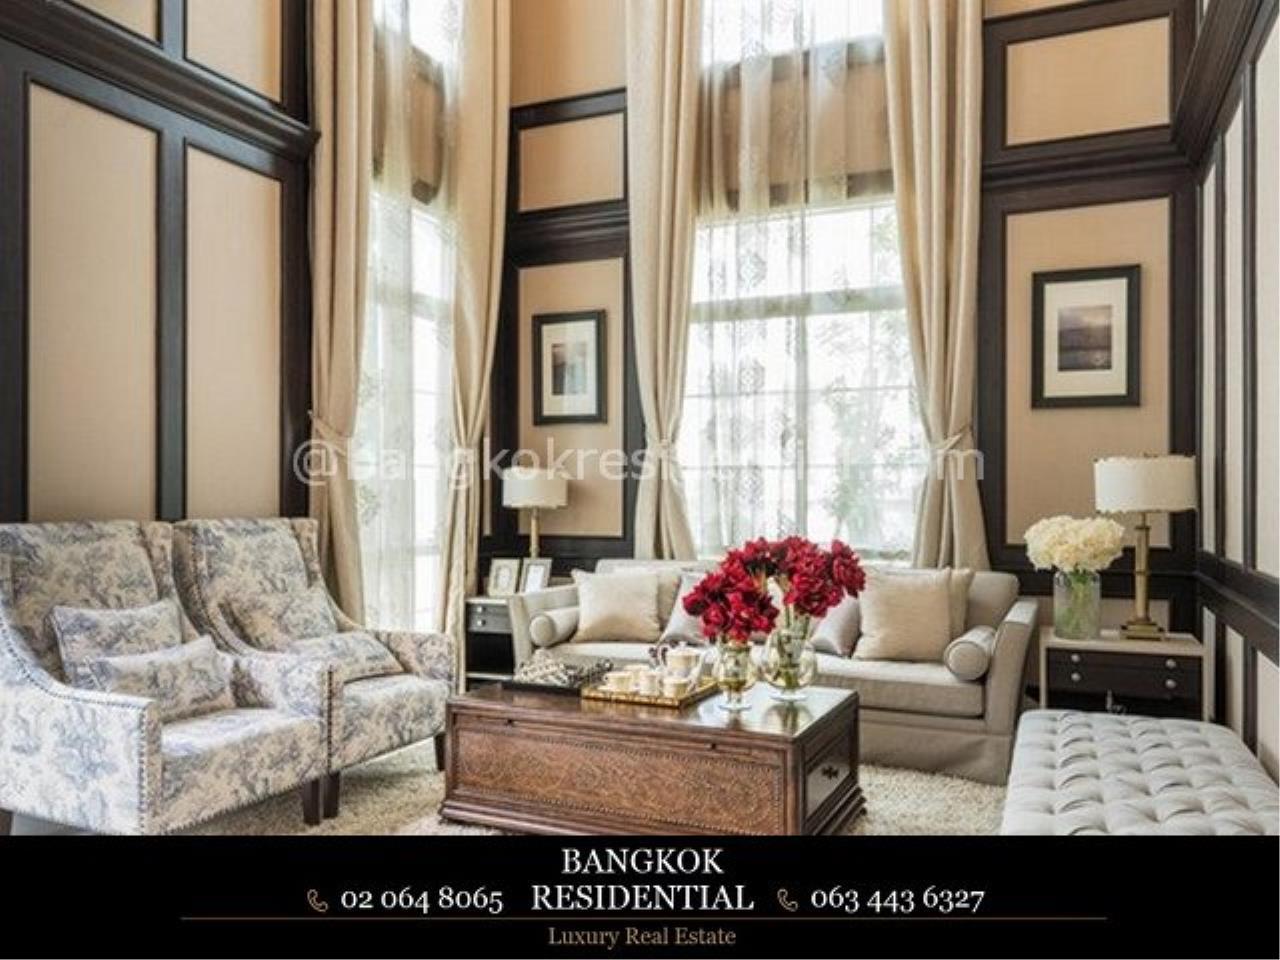 Bangkok Residential Agency's 4BR Narasiri Pattanakarn For Rent (BR7921SH) 6